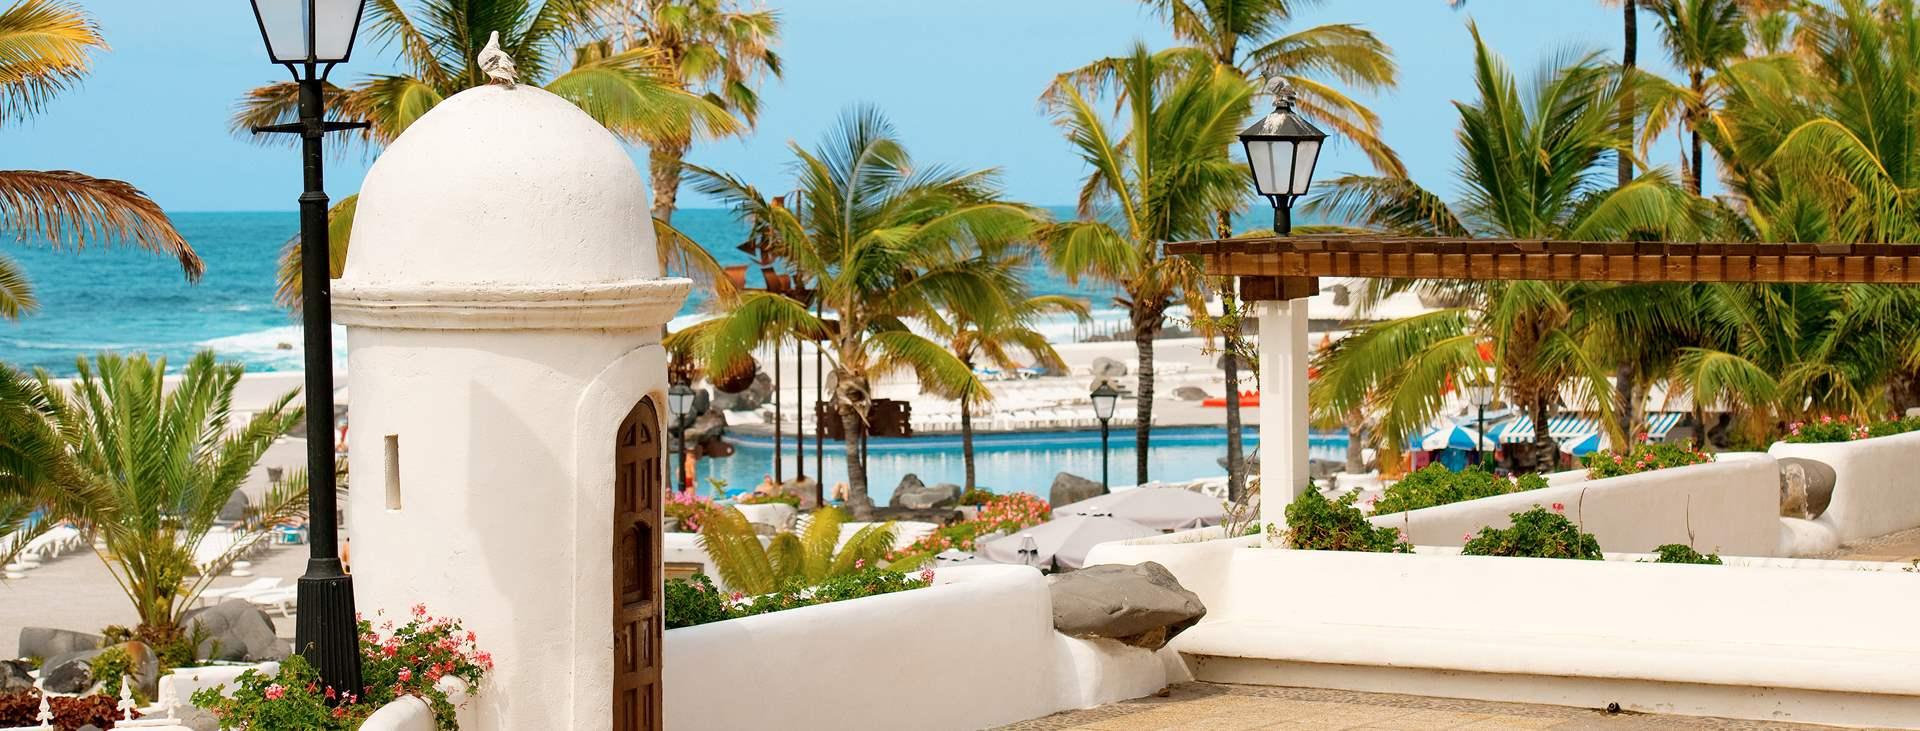 Bestill en reise til Puerto de la Cruz på Tenerife med Ving